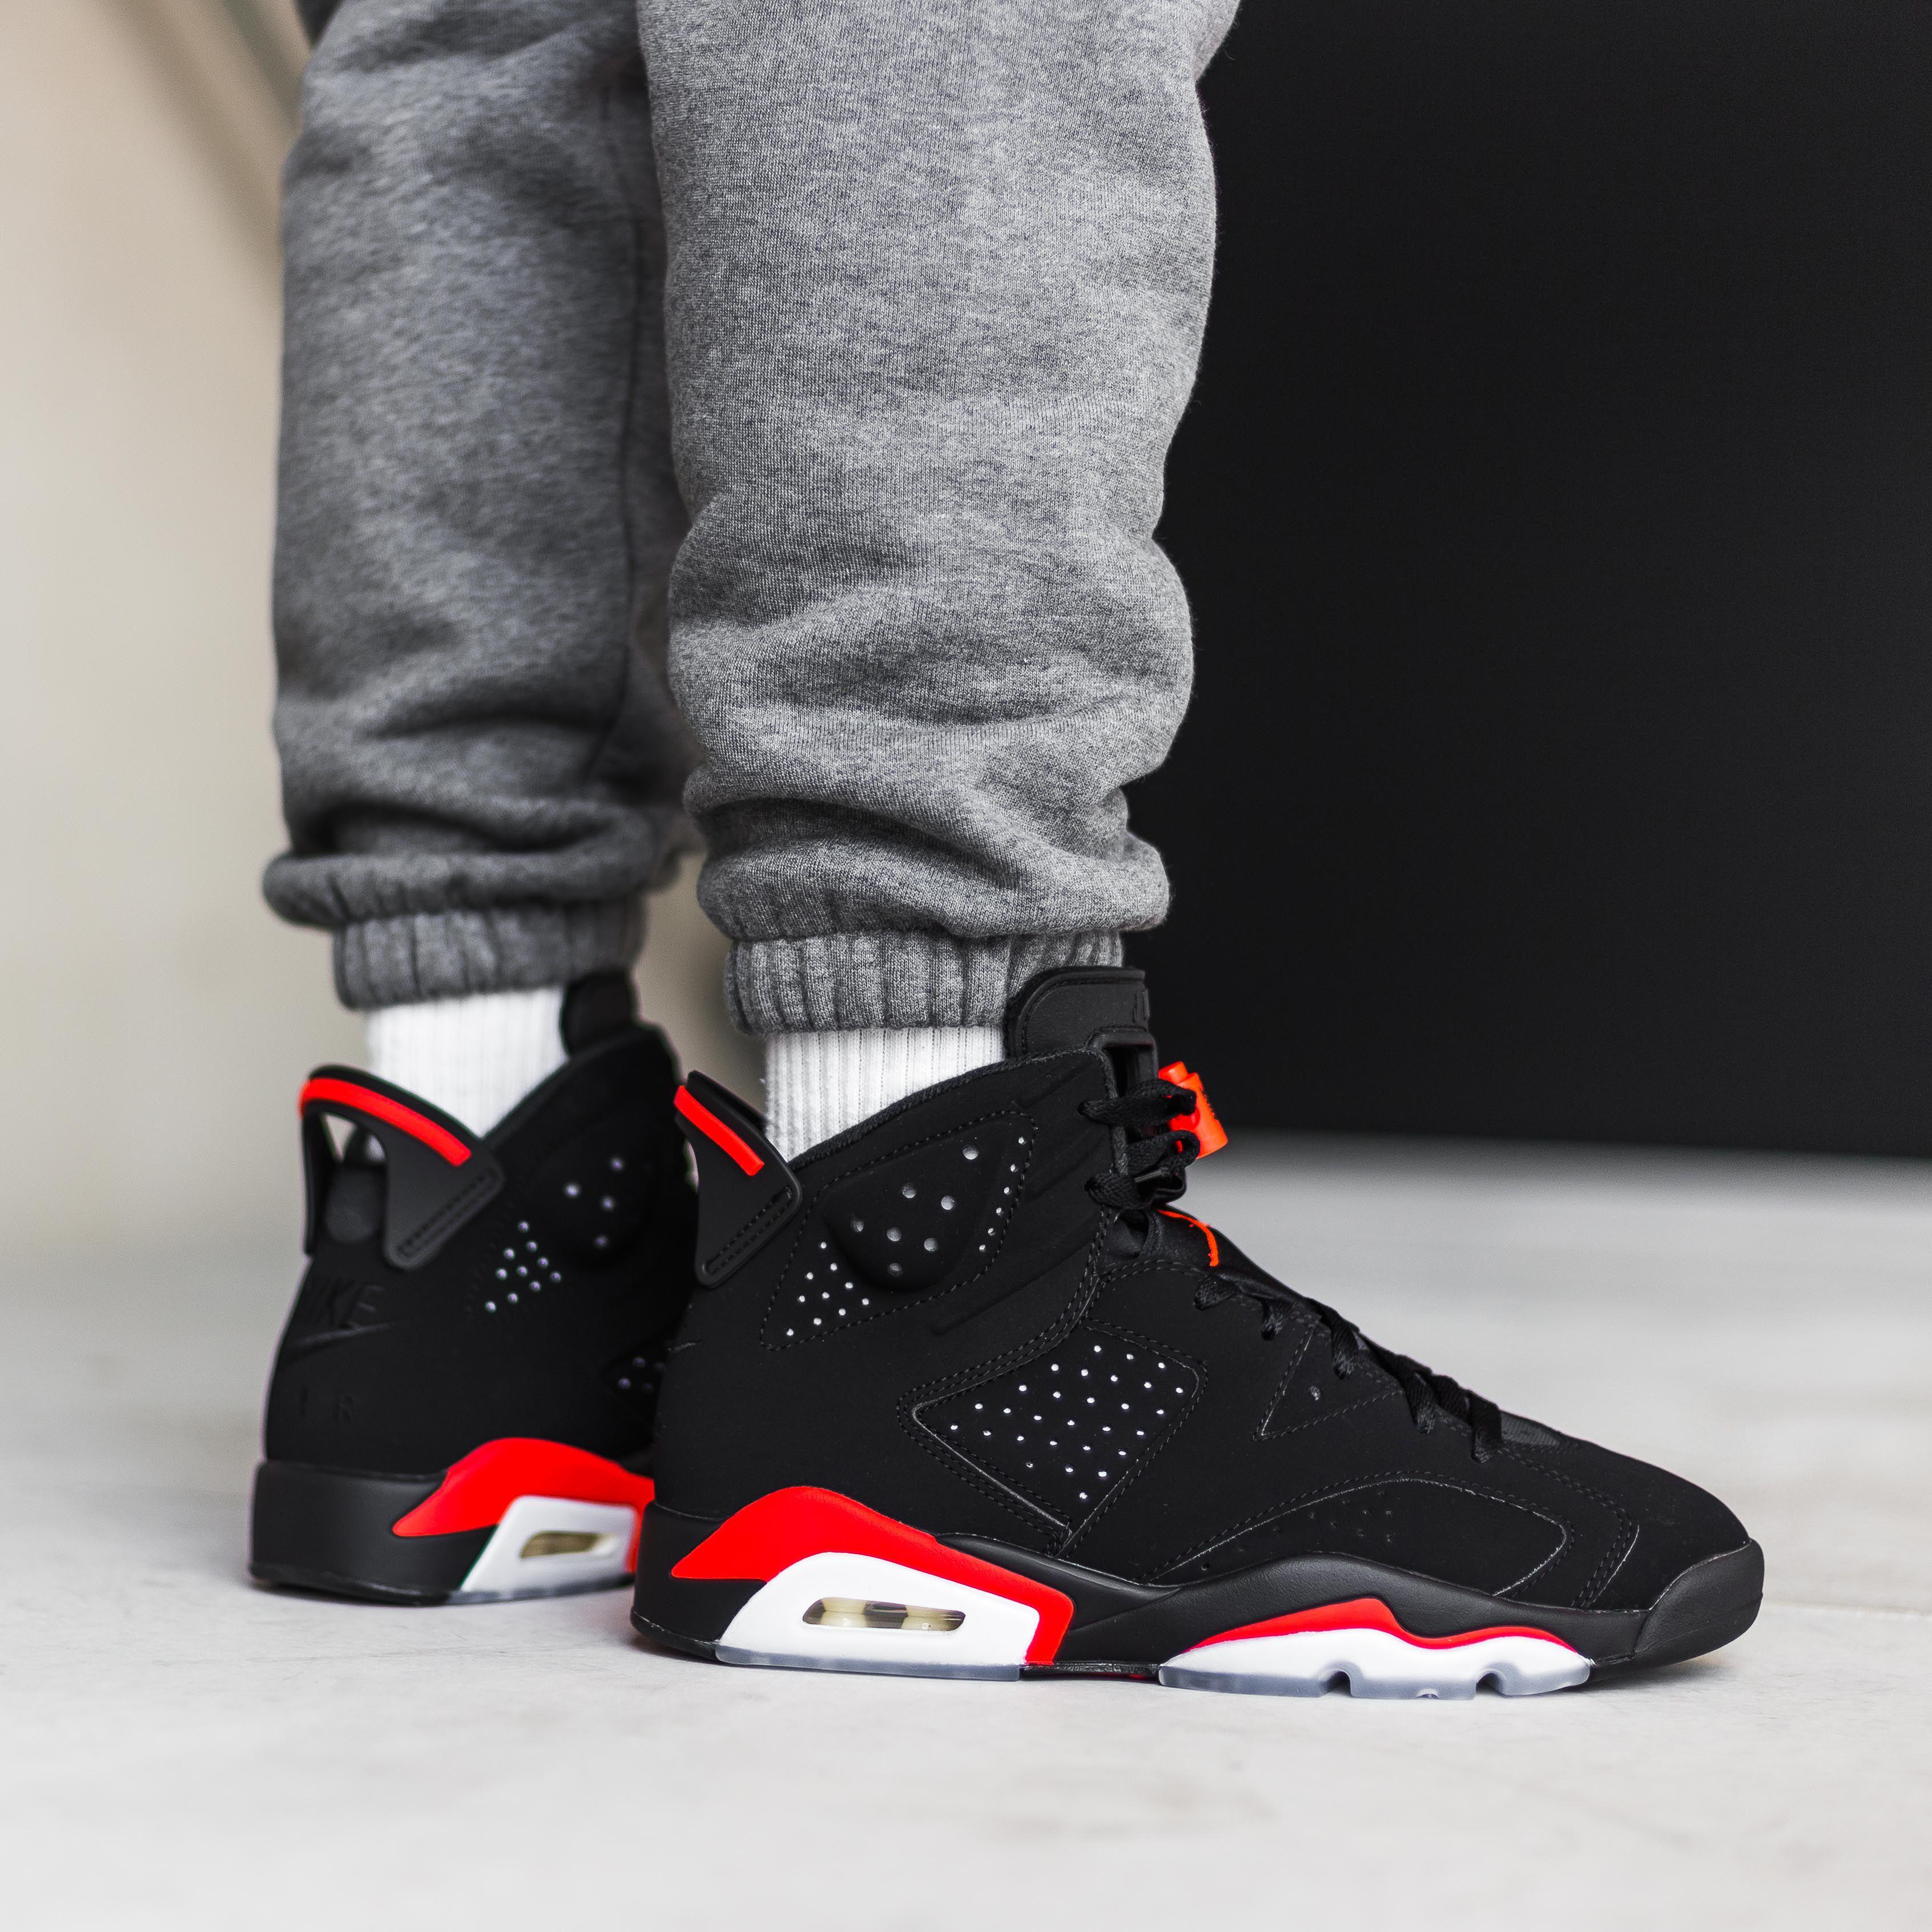 Air Jordan 6 Retro Black Infrared Air Jordans Retro Air Jordans Jordan Retro 6